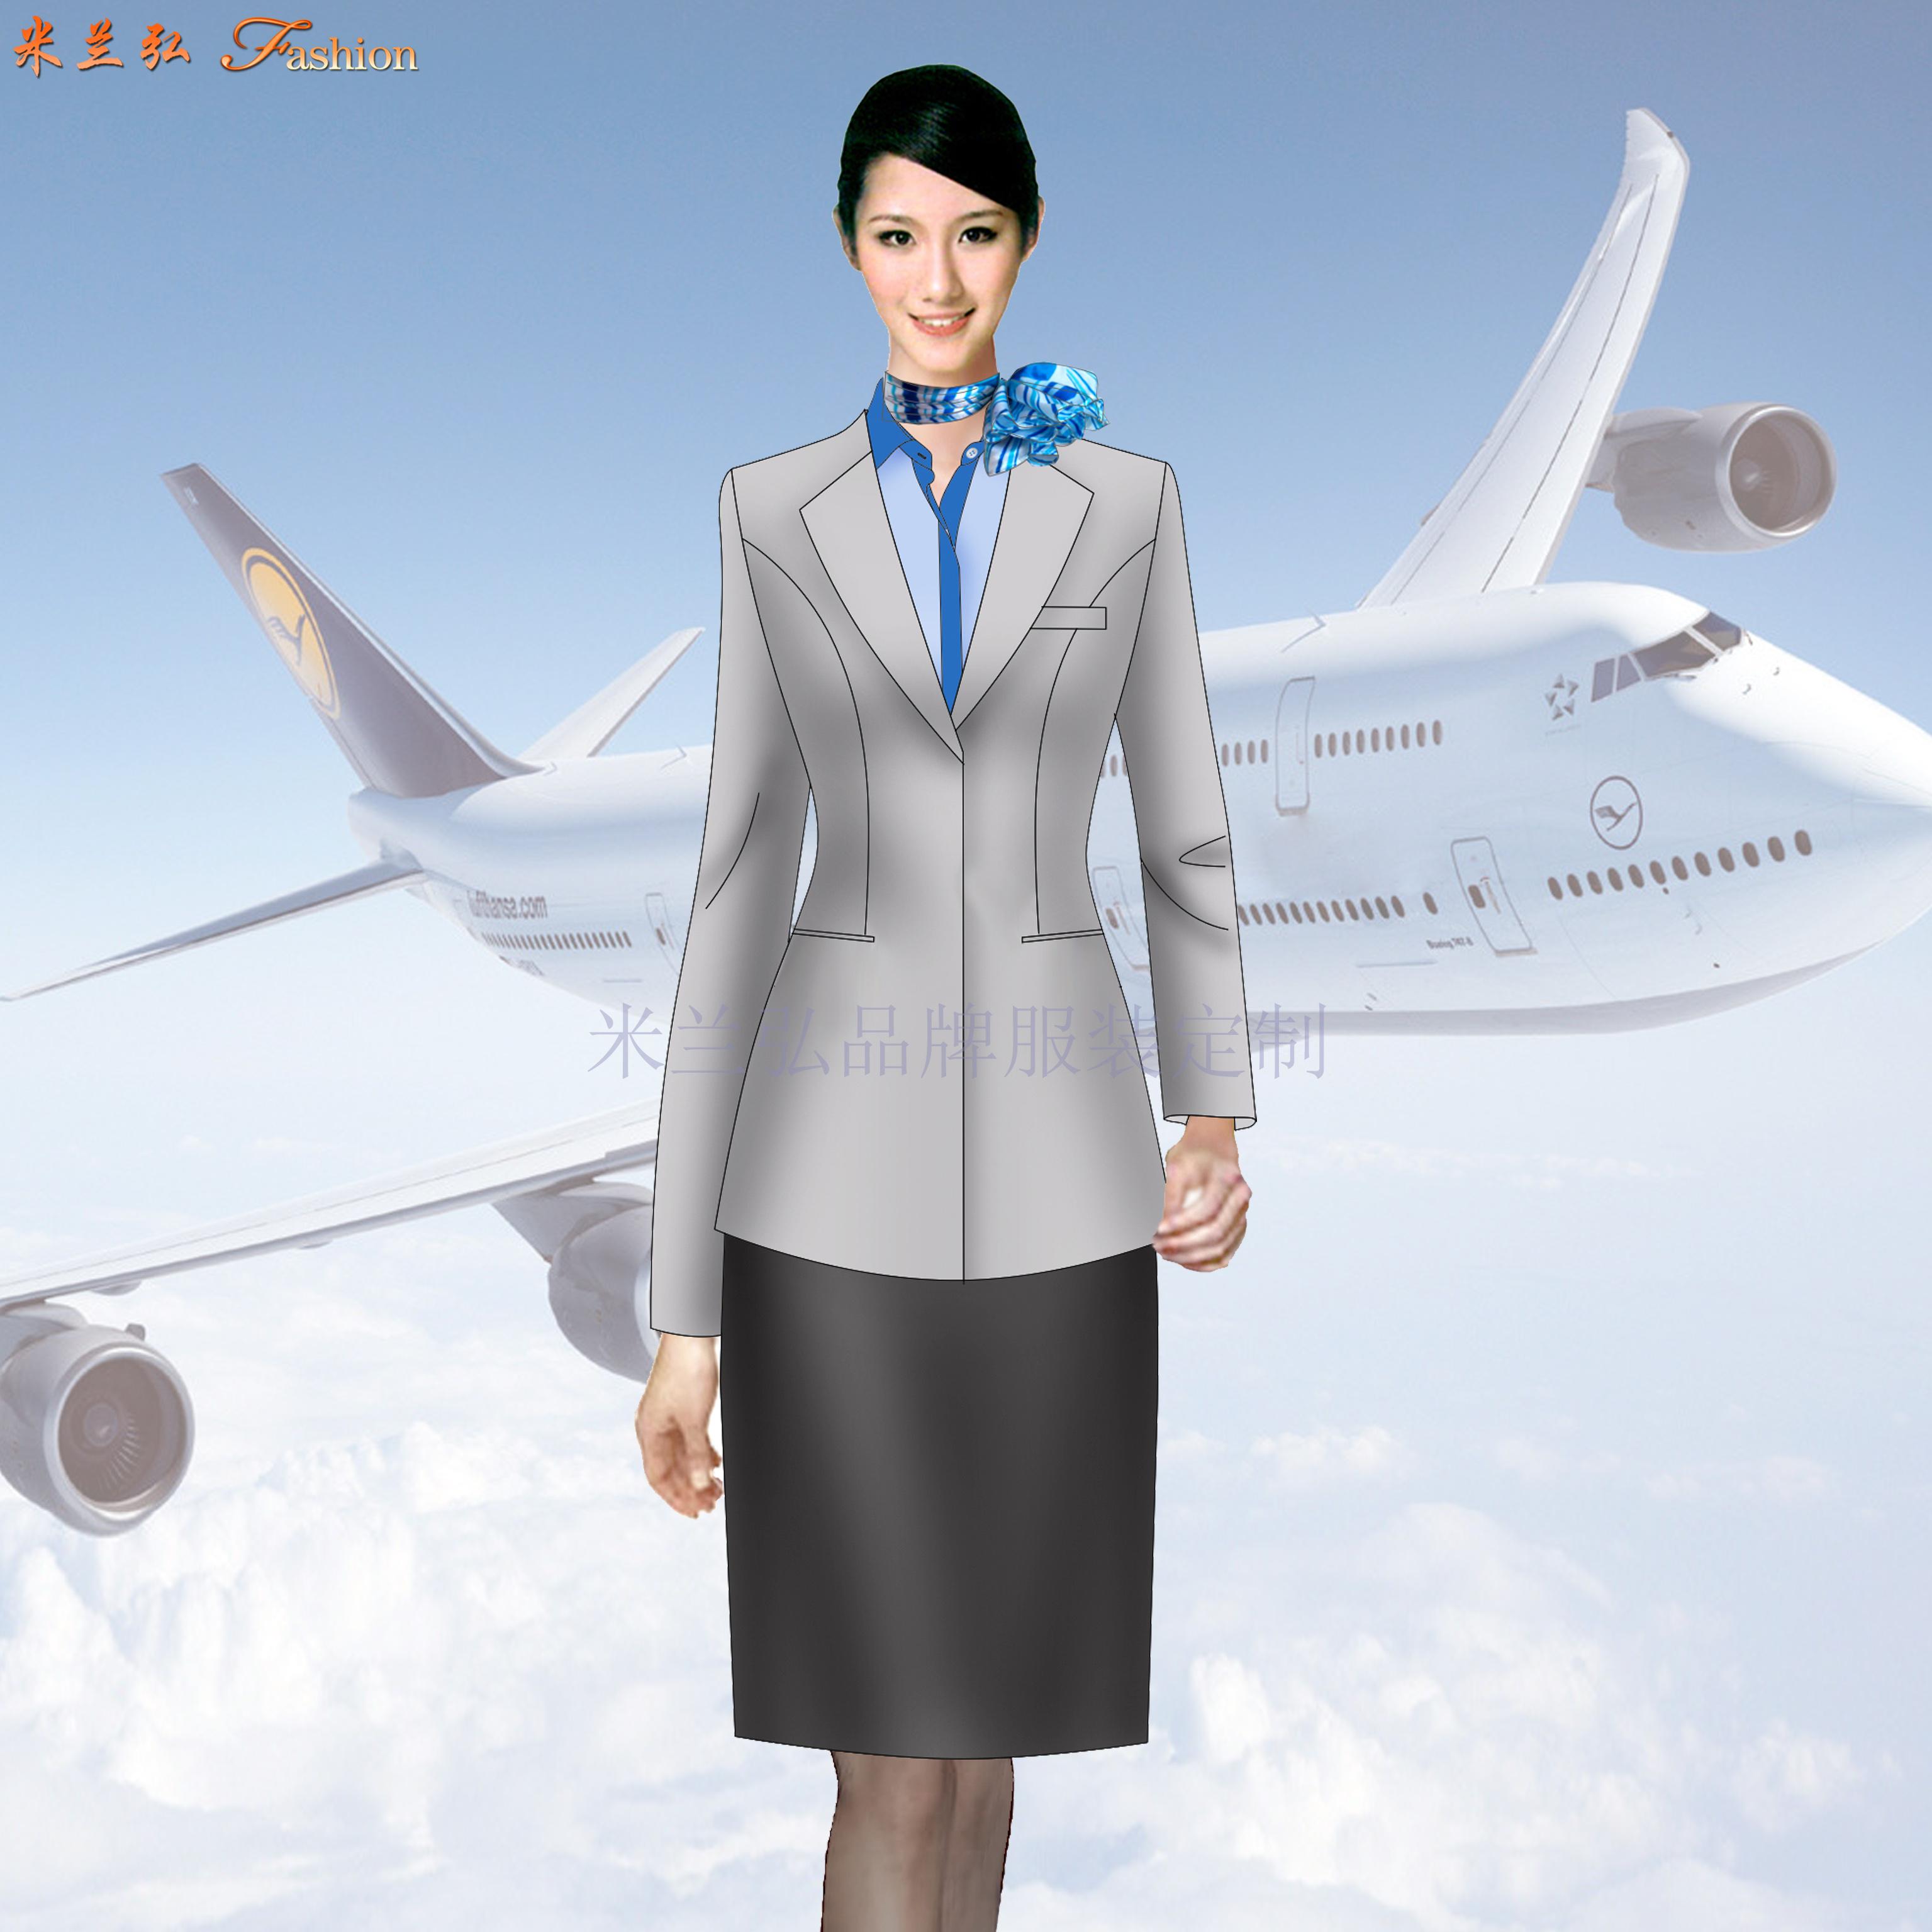 「廊坊定制航空公司空姐服」「廊坊定做醫院導醫空姐服」-米蘭弘-2